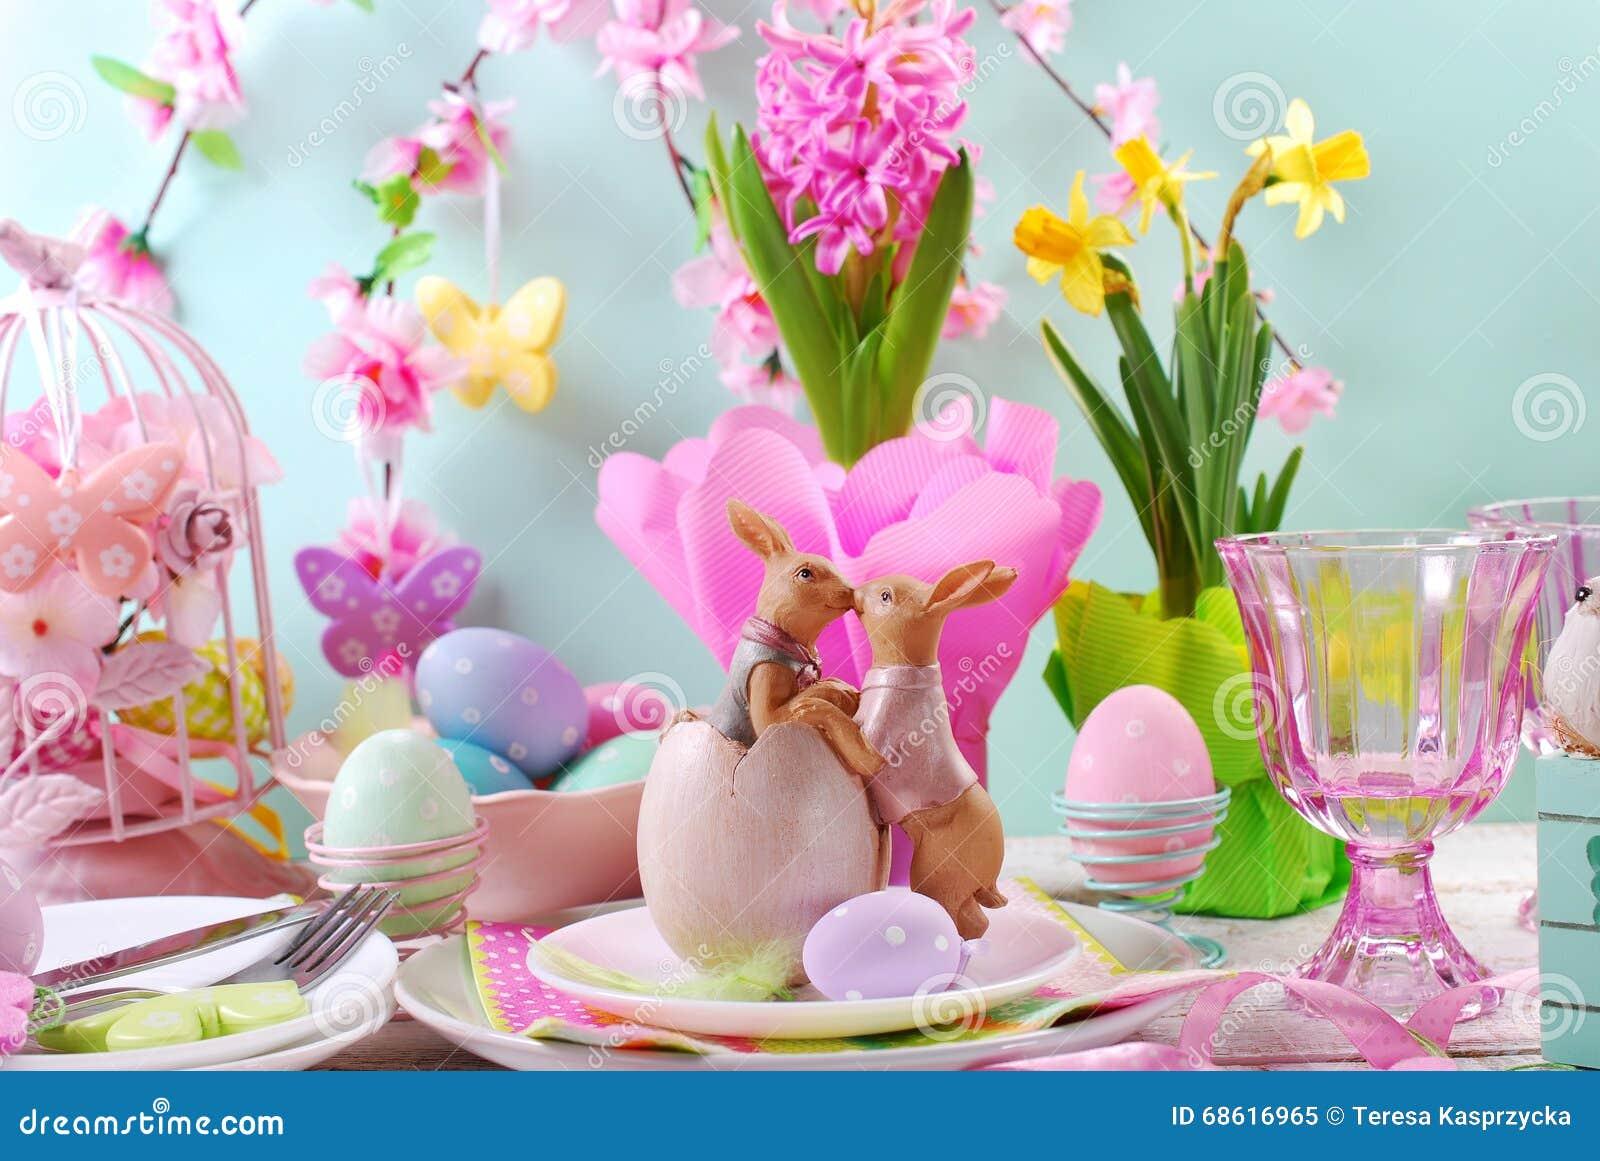 Decorazioni Pasquali Da Tavola : La decorazione della tavola di pasqua con i conigli e la molla